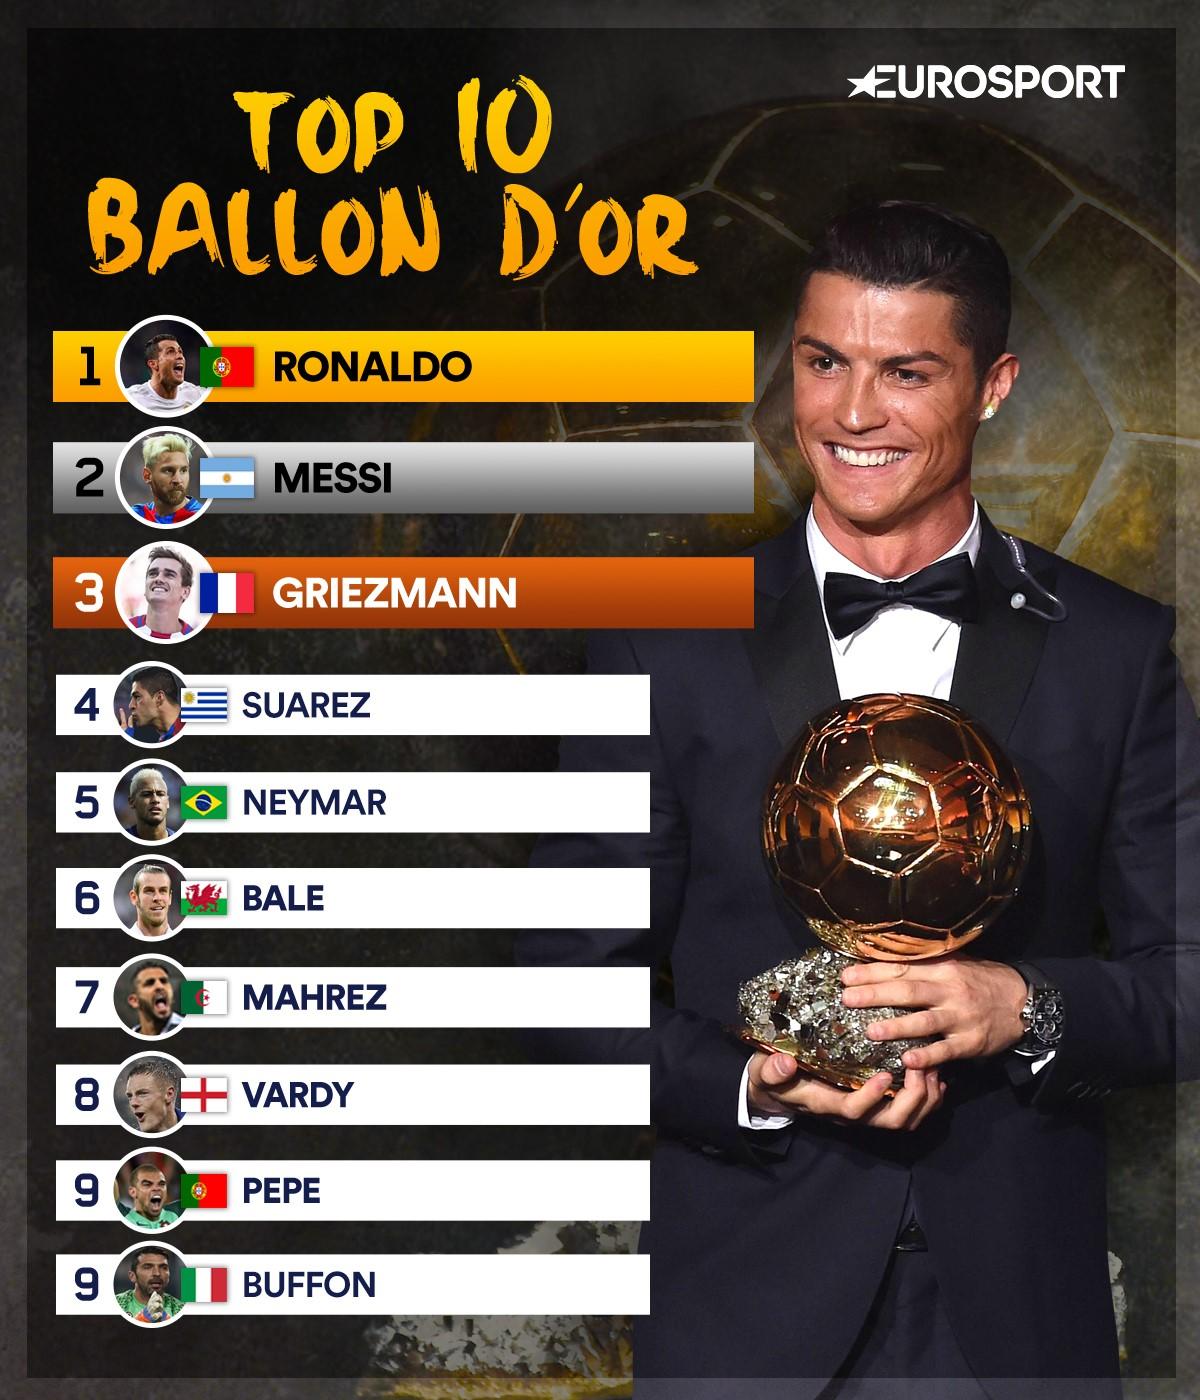 Visuel Top 10 du Ballon d'0r 2016